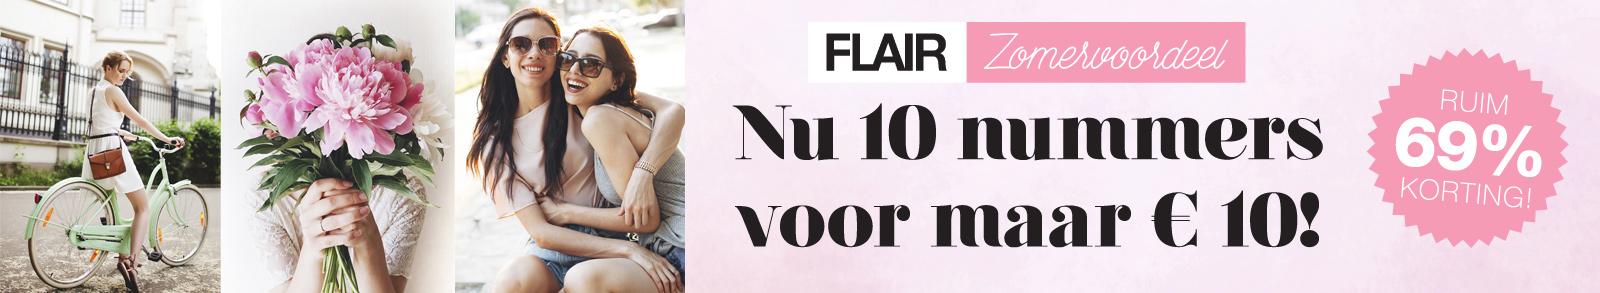 Abonnement voor 10 nummers van de Flair voor €10